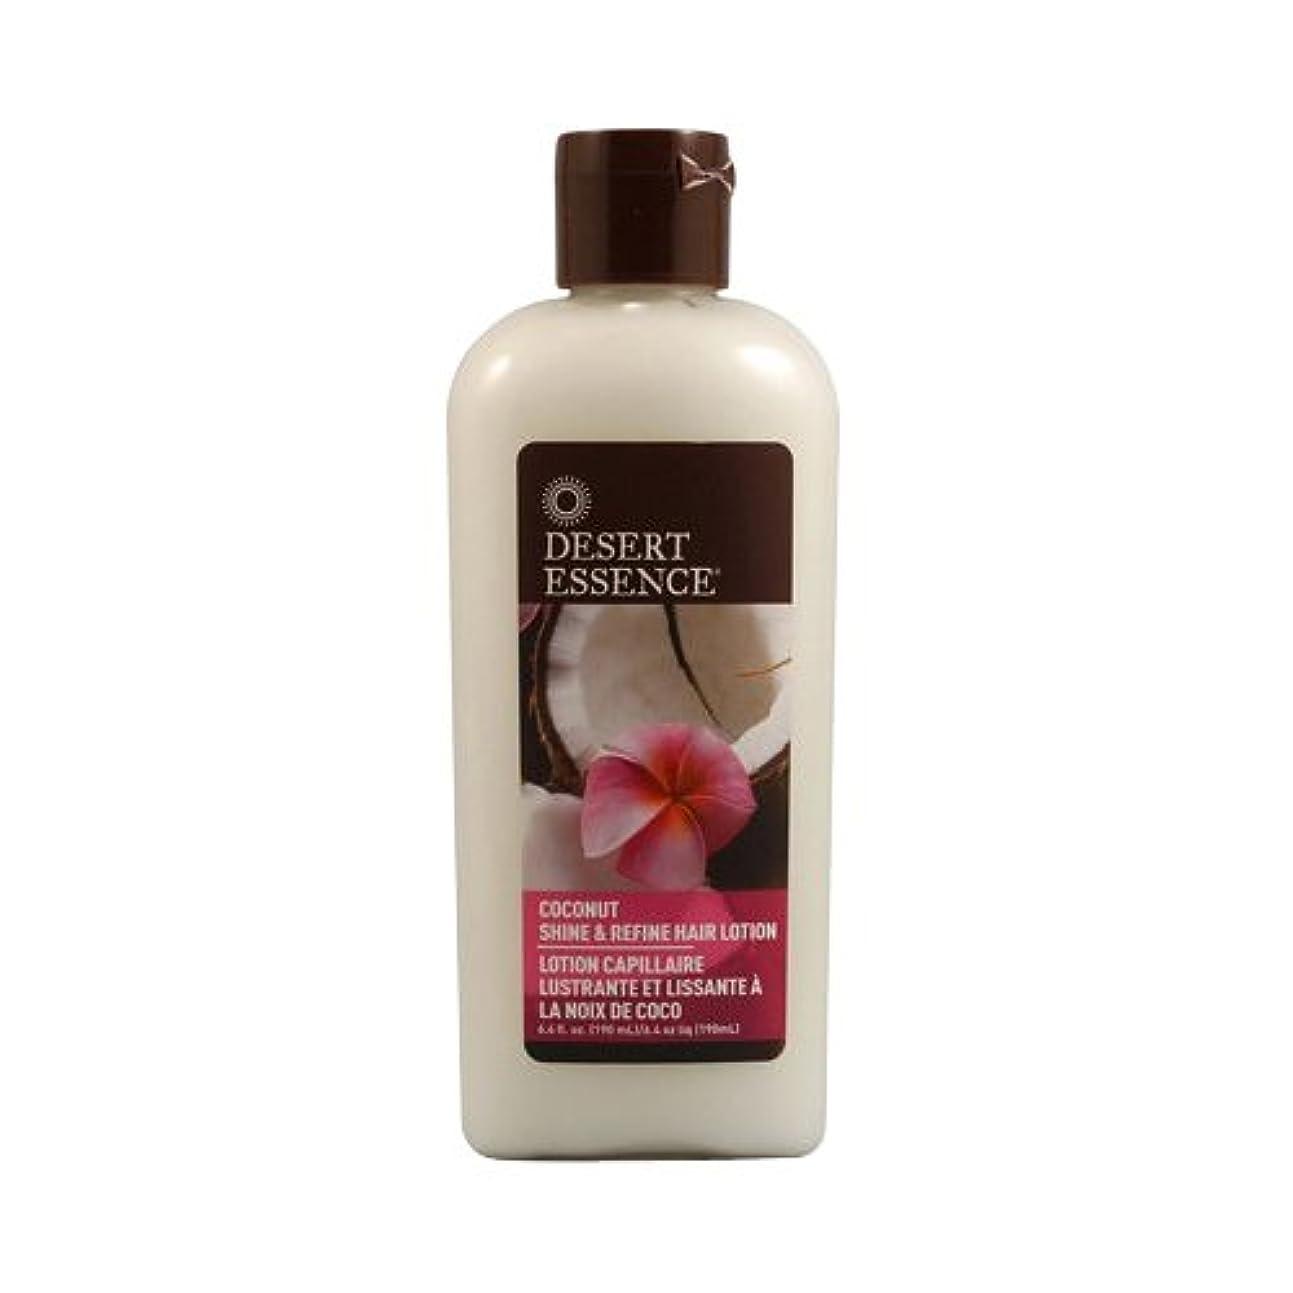 遺伝子囲むクライマックス海外直送品 Desert Essence Coconut Shine & Refine Hair Lotion, 6.4 OZ